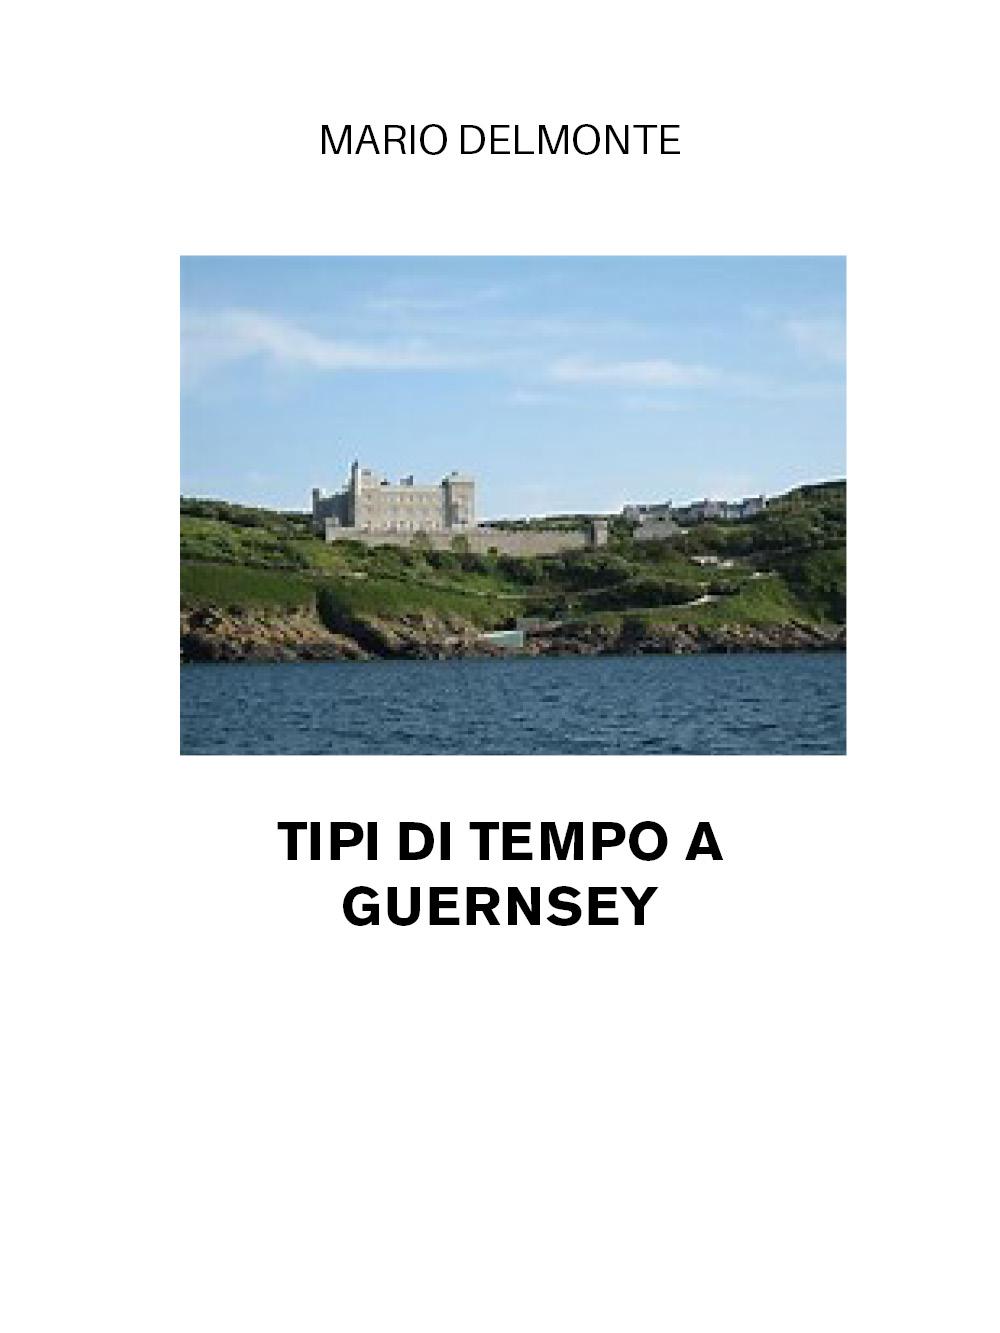 Tipi di tempo a Guernsey